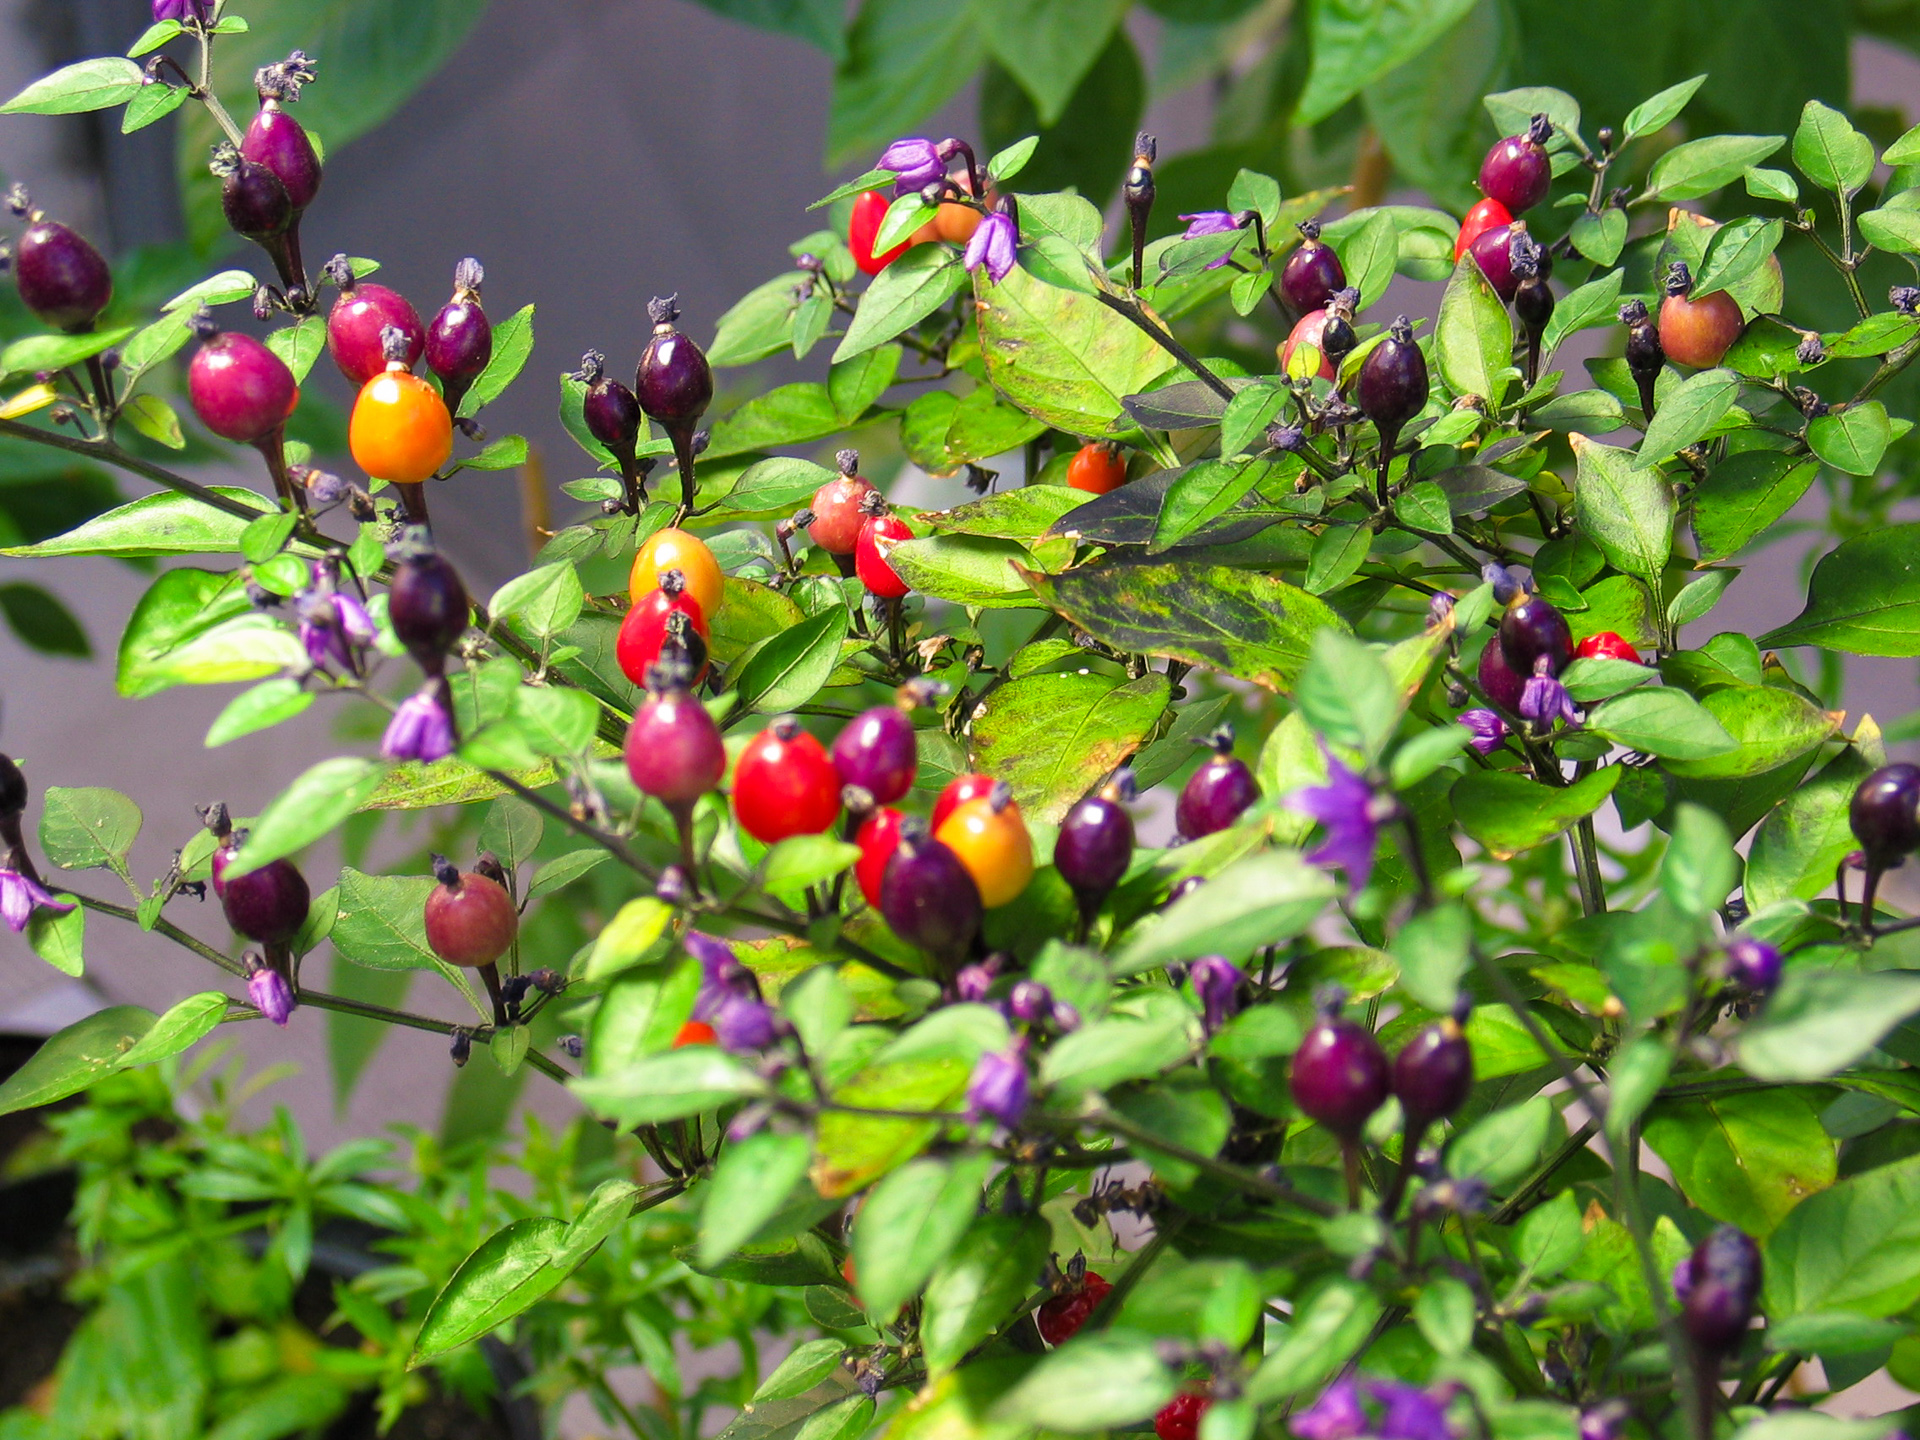 VI029622 - Capsicum frutescens - Chilisorte